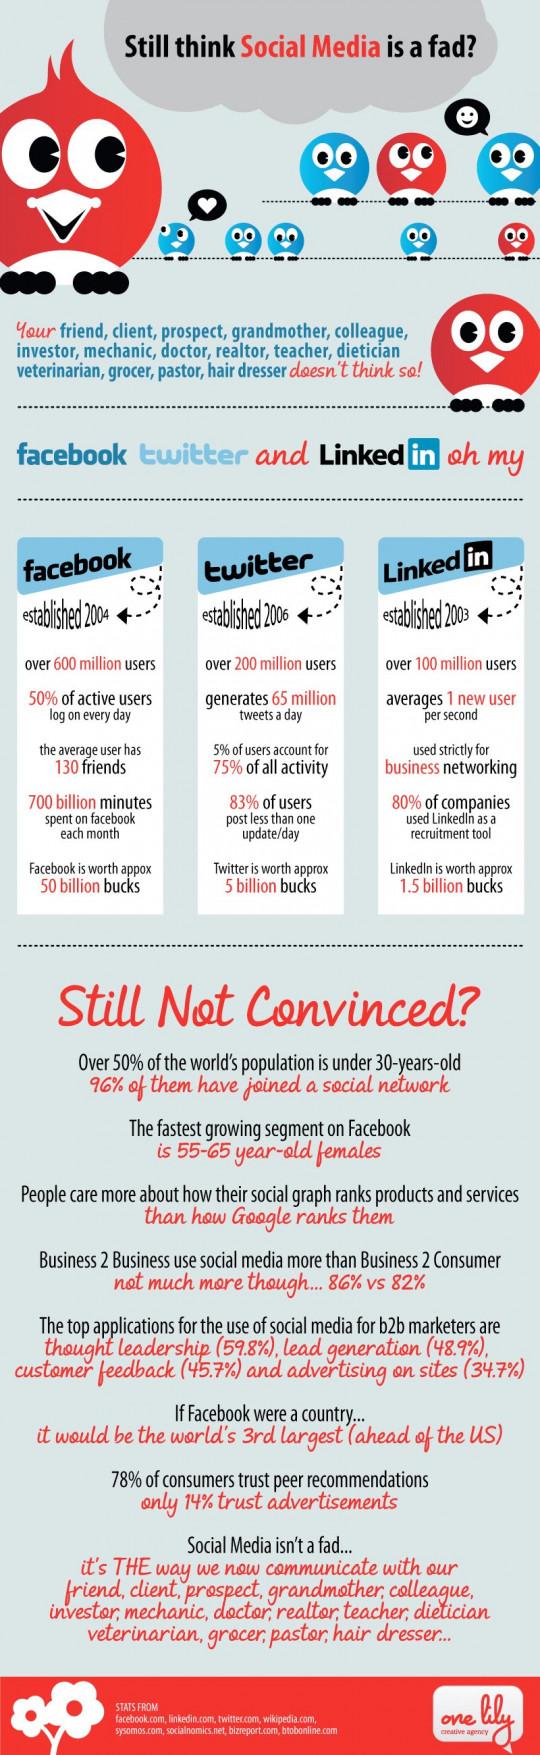 Still think Social Media is a Fad?